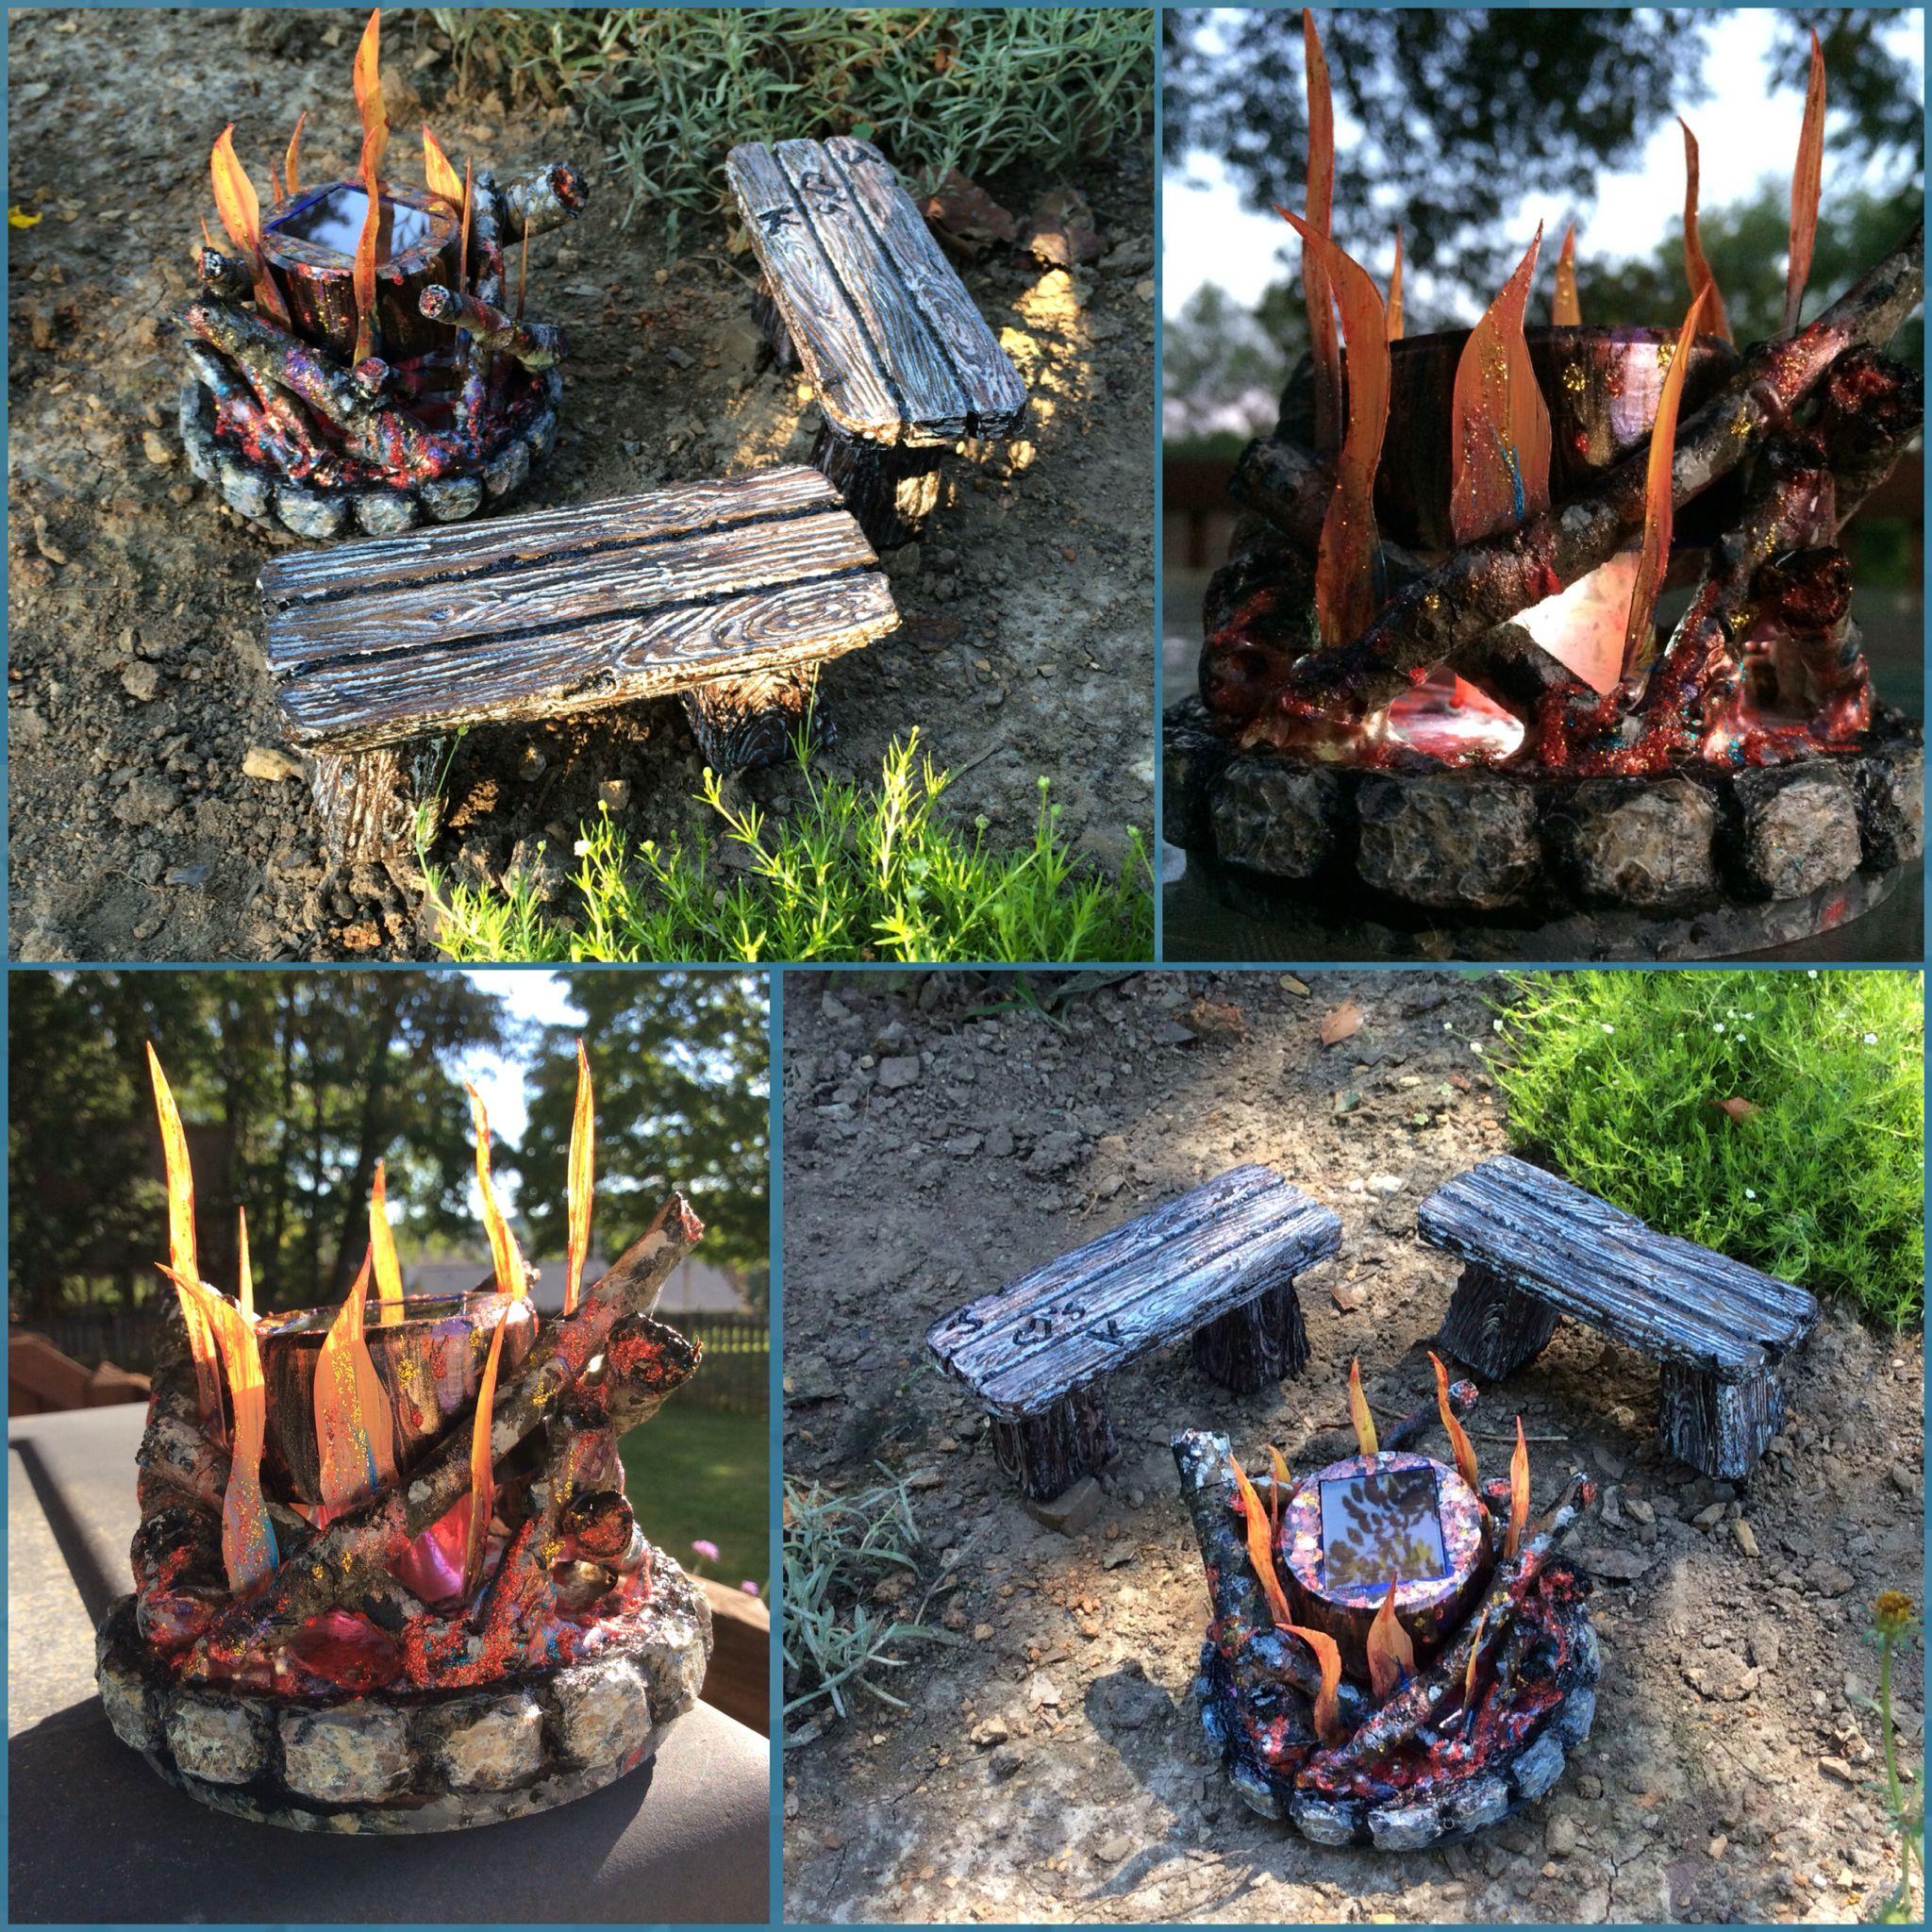 ce1a6da0e77a296057ae277bfb26e658 Top Result 50 Beautiful Fire Pit Pad Photos 2018 Kqk9